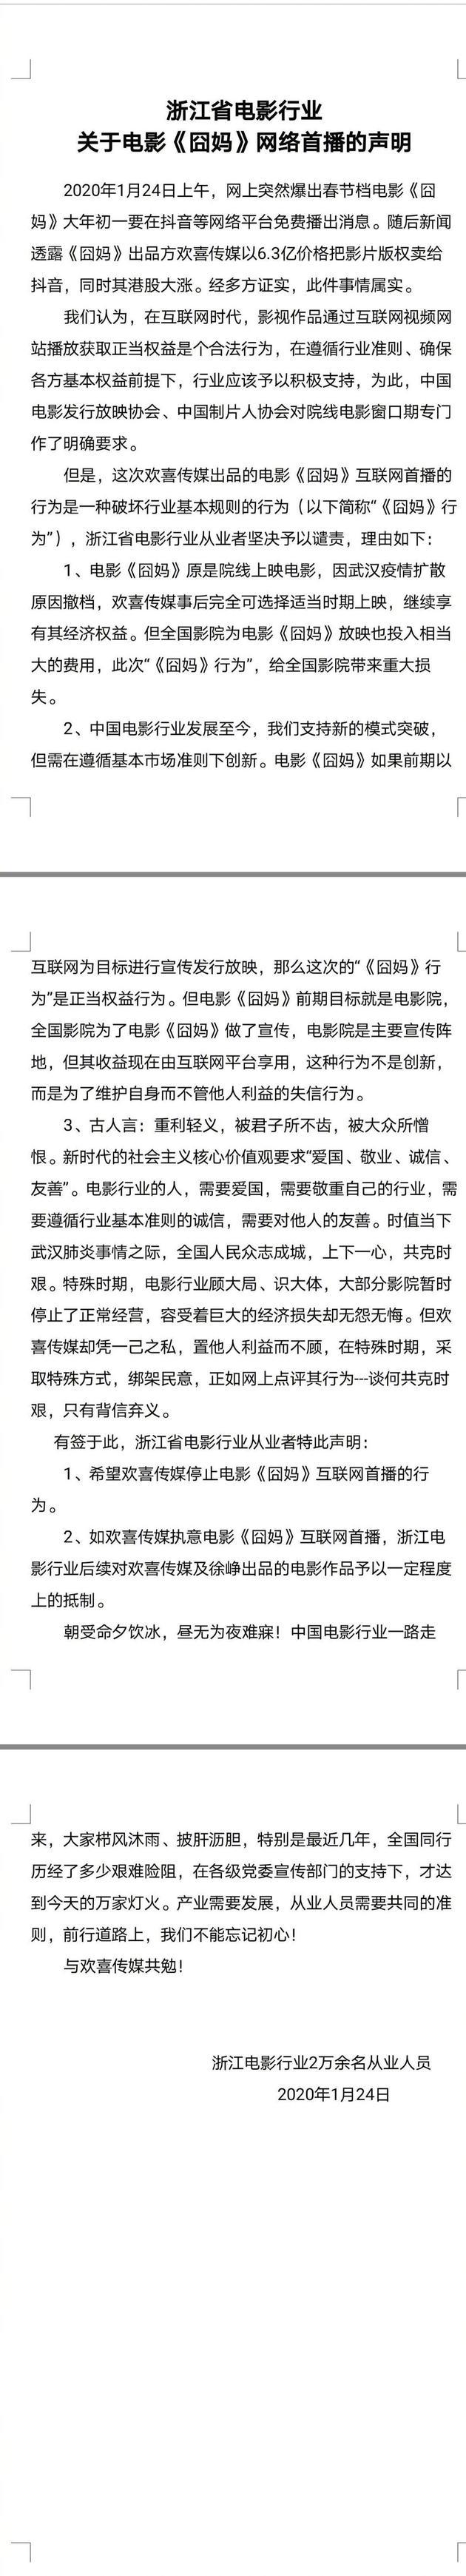 《囧妈》网络免费首播:浙江电影行业谴责-玩懂手机网 - 玩懂手机第一手的手机资讯网(www.wdshouji.com)